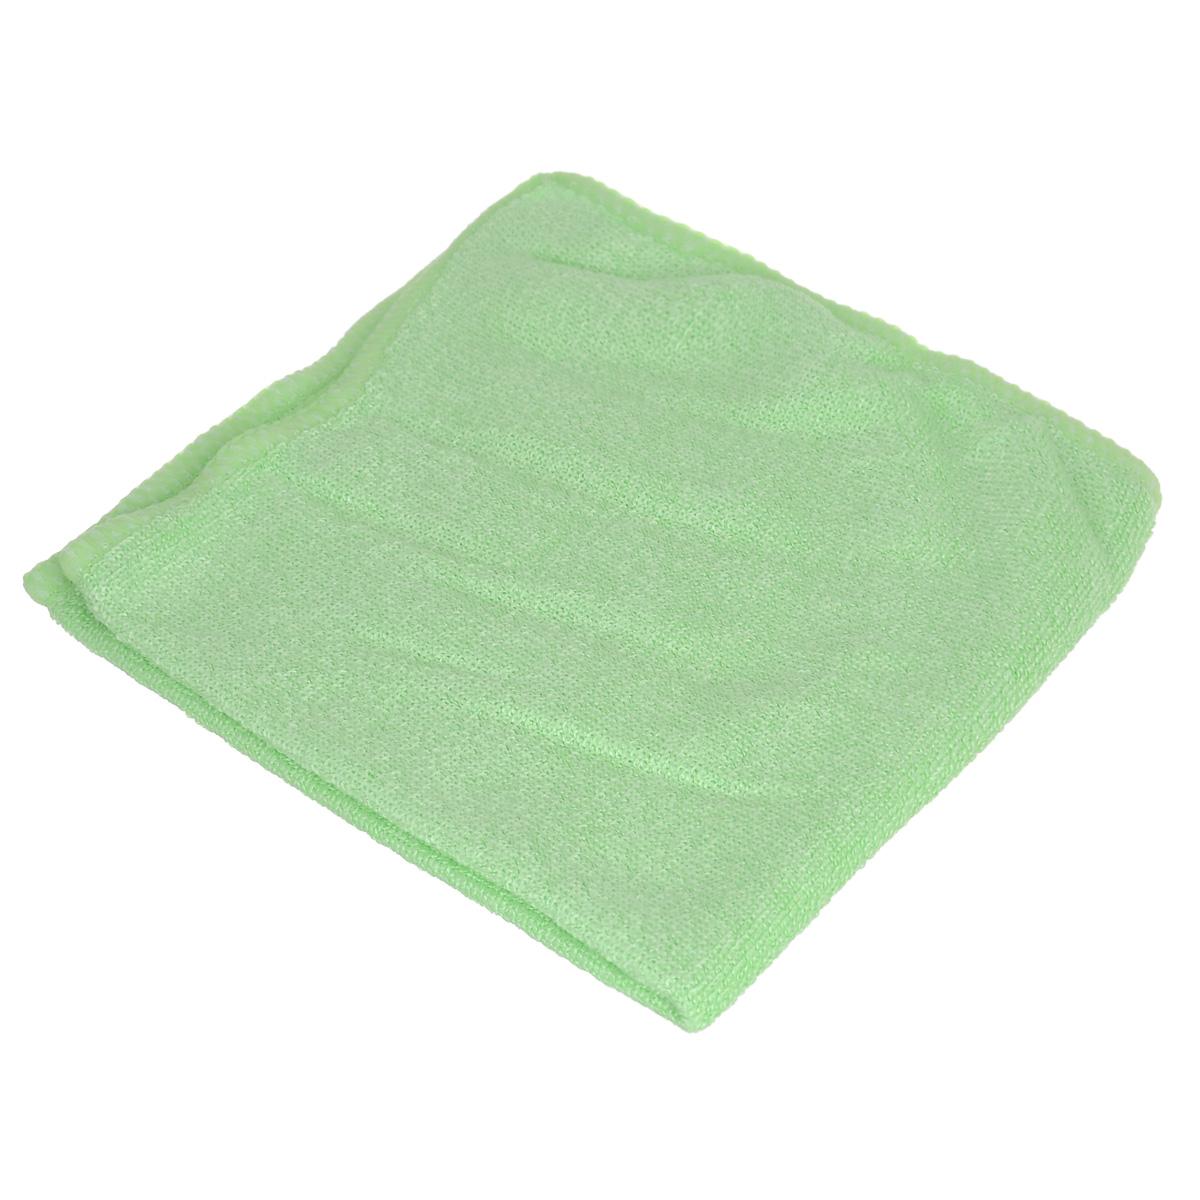 Салфетка из микрофибры для уборки Youll Love, цвет: светло-зеленый, 30 х 30 см. 58044CLP446Салфетка Youll Love, изготовленная из микрофибры (70% полиэфир и30%полиамид), предназначена для очищения загрязнений на любых поверхностях. Изделие обладает высокой износоустойчивостью и рассчитано на многократное использование, легко моется в теплой воде с мягкими чистящими средствами. Супервпитывающая салфетка не оставляет разводов и ворсинок, удаляет большинство жирных и маслянистых загрязнений без использования химических средств.